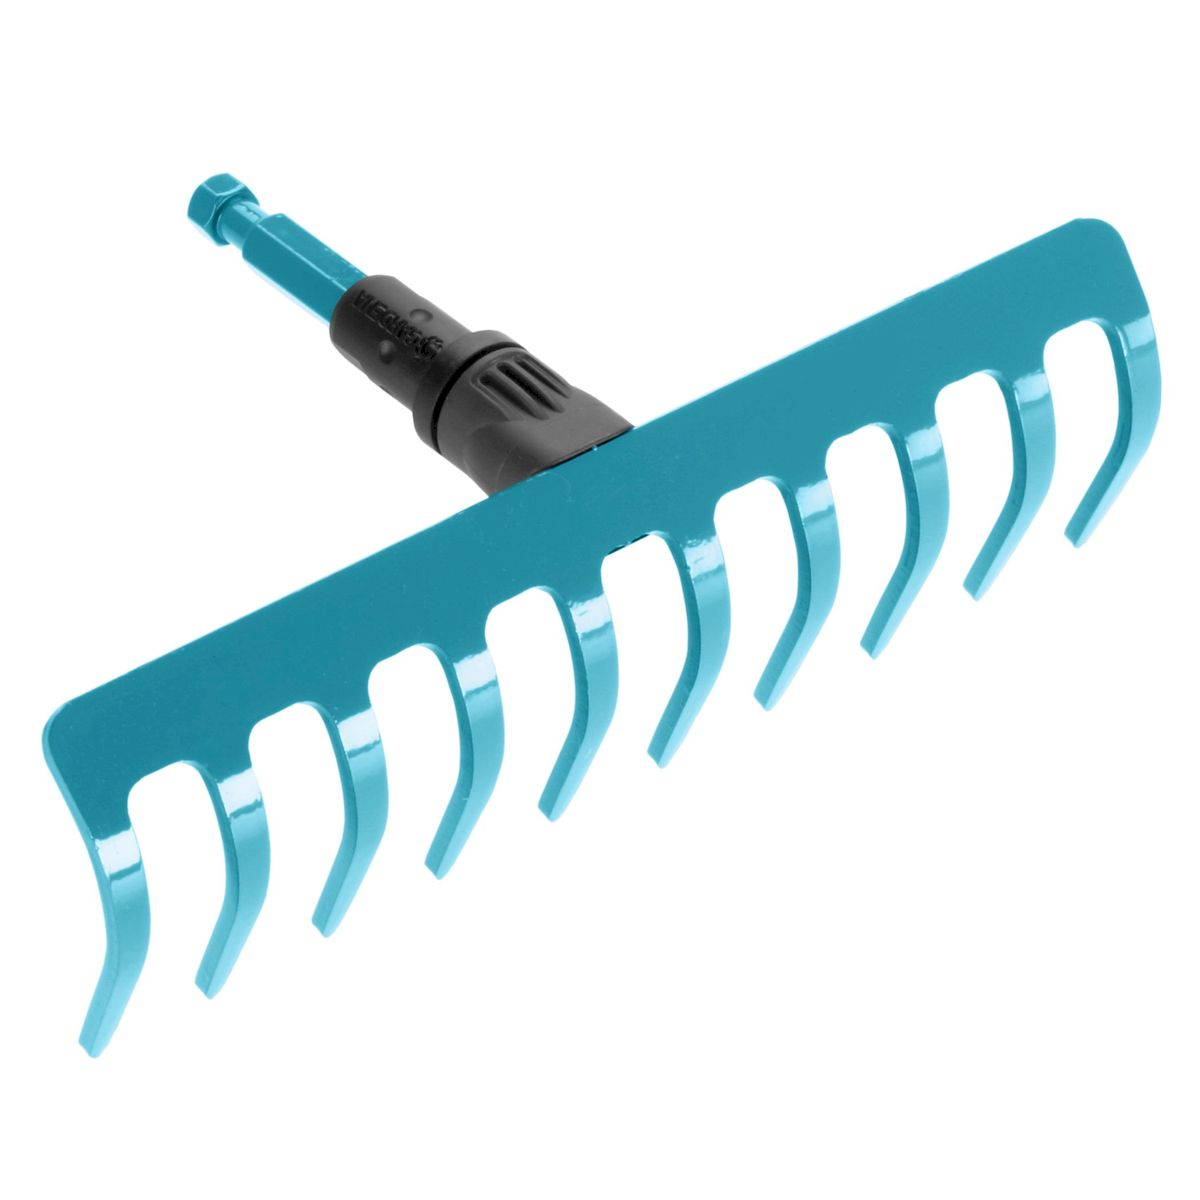 Грабли Gardena, без ручки, 25 смC0031140Грабли Gardena выполнены из высококачественной стали с покрытием из дюропласта, которое обеспечивает оптимальную защиту инструмента от коррозии. Грабли представляют собой практичный многофункциональный инструмент, который идеально подходит для очистки, обработки и выравнивания почвы. Грабли Gardena могут использоваться с любой ручкой, однако рекомендуется использовать ручку длиной 150 см, в зависимости от роста пользователя. Рабочая ширина граблей - 25 см (10 зубьев).